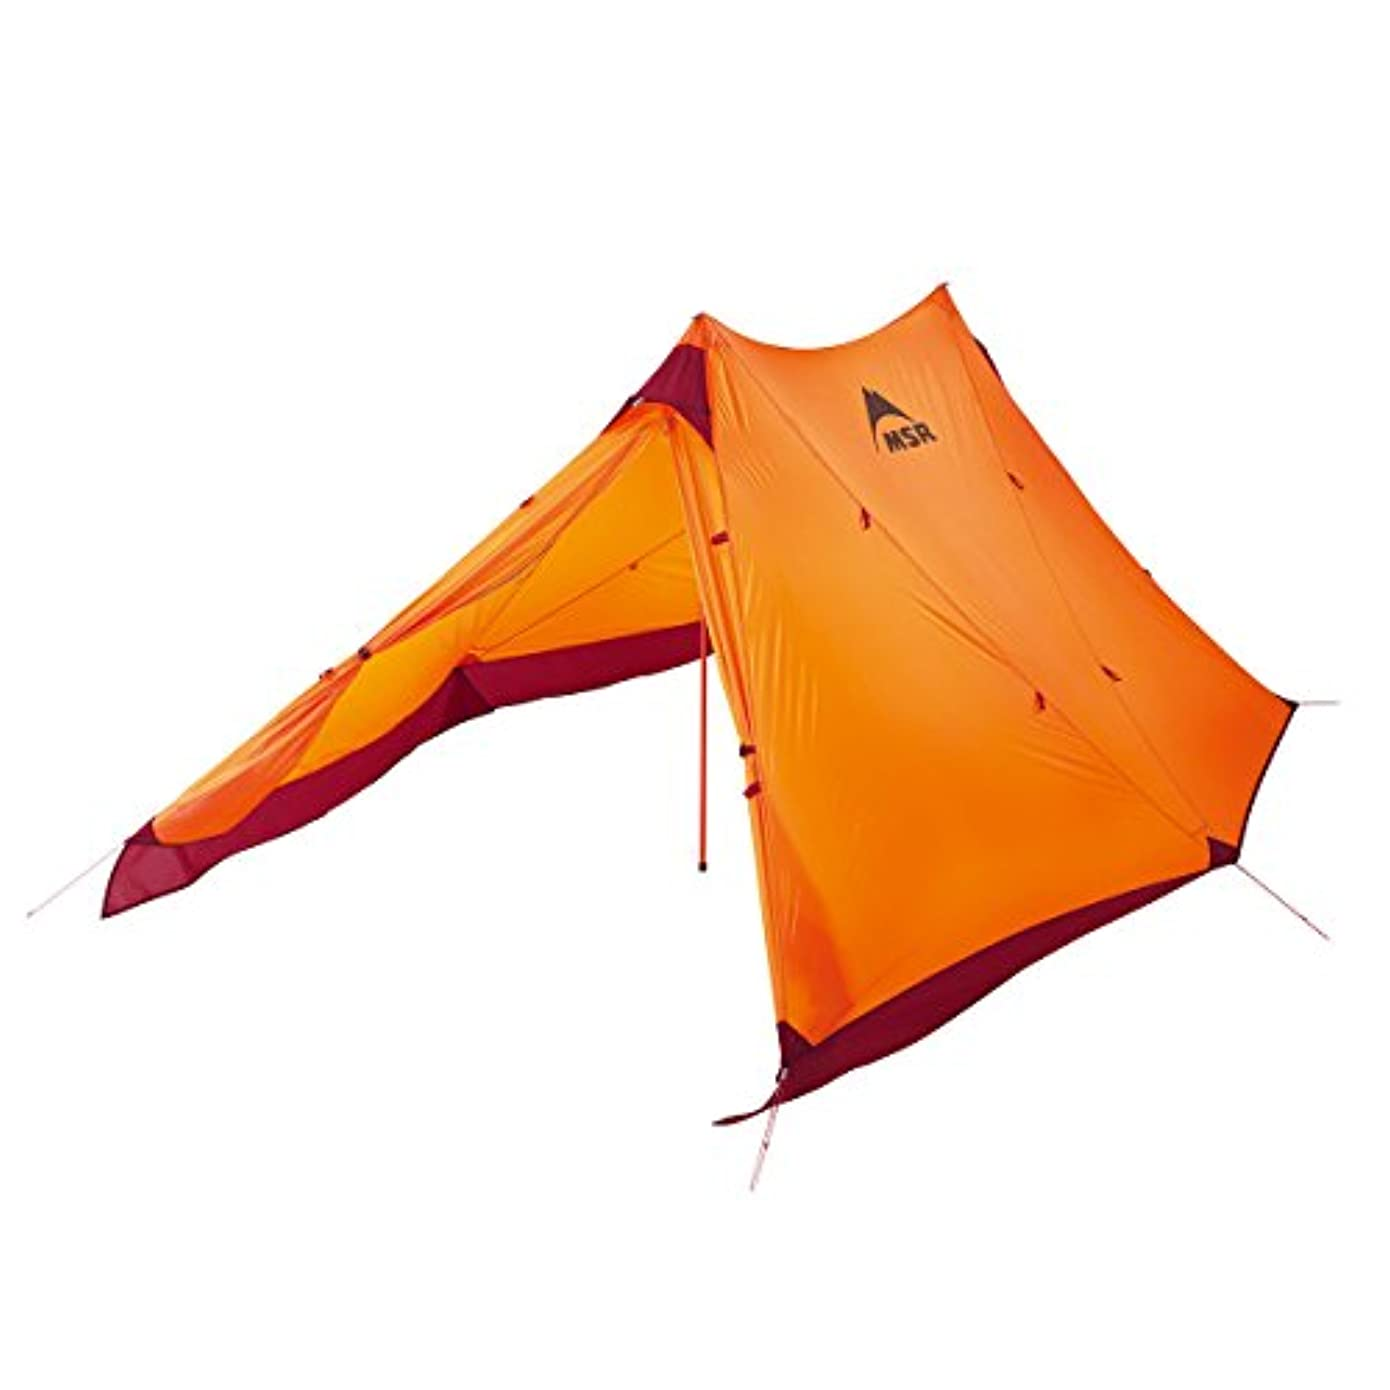 観光無視するガスMSR テント TwinSisters ツインシスターズ アウトドア 2人用 【日本正規品】 ユーザー登録シート付 37548